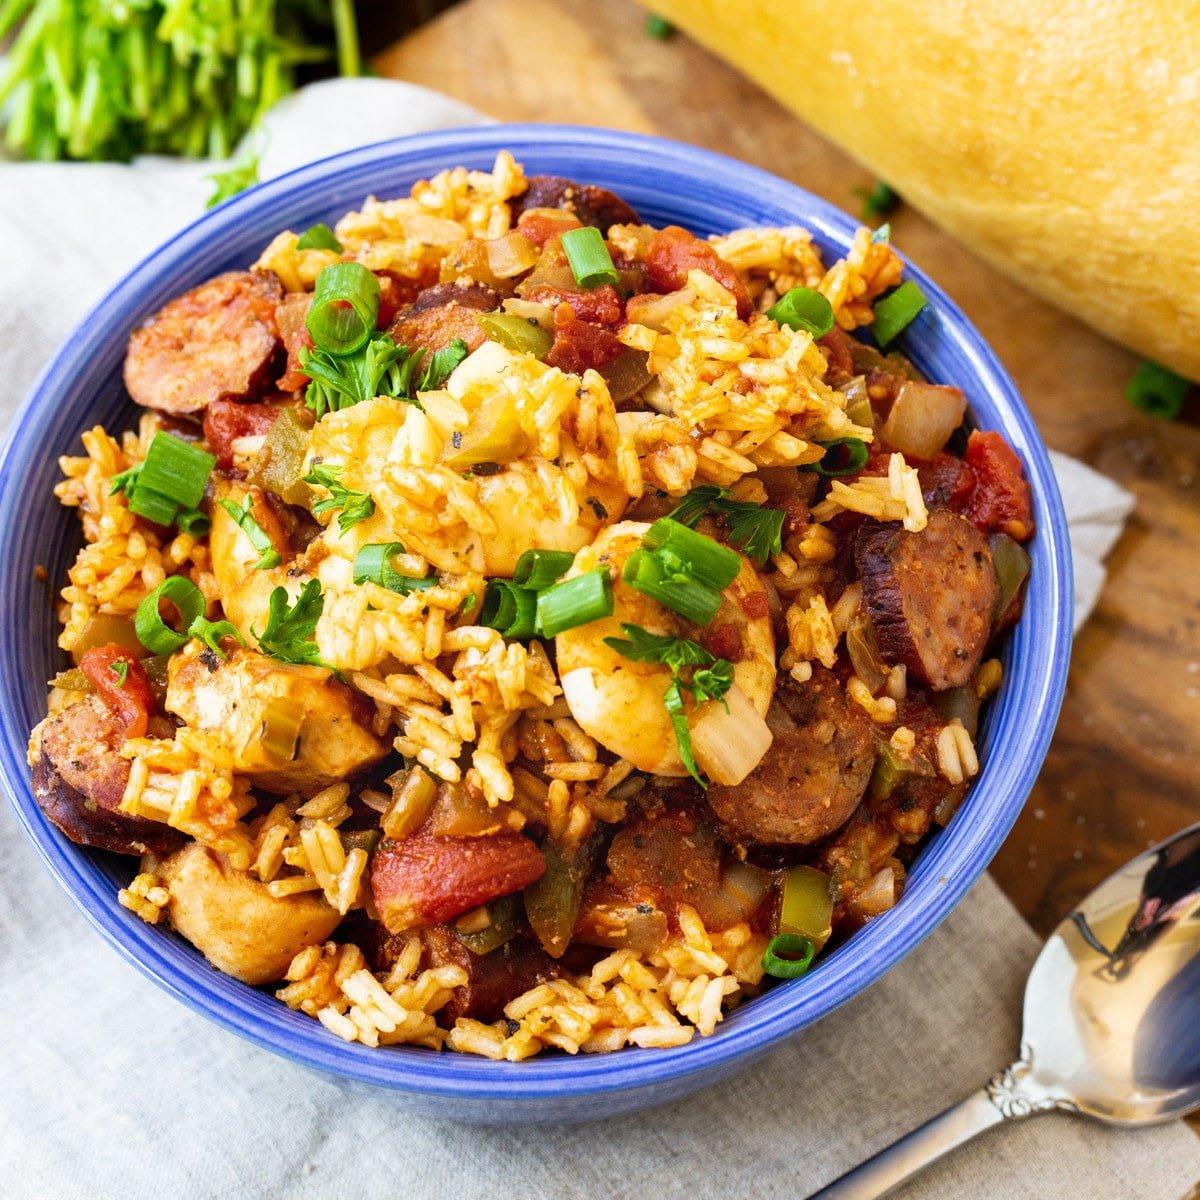 Slow Cooker Jambalaya in a bowl.